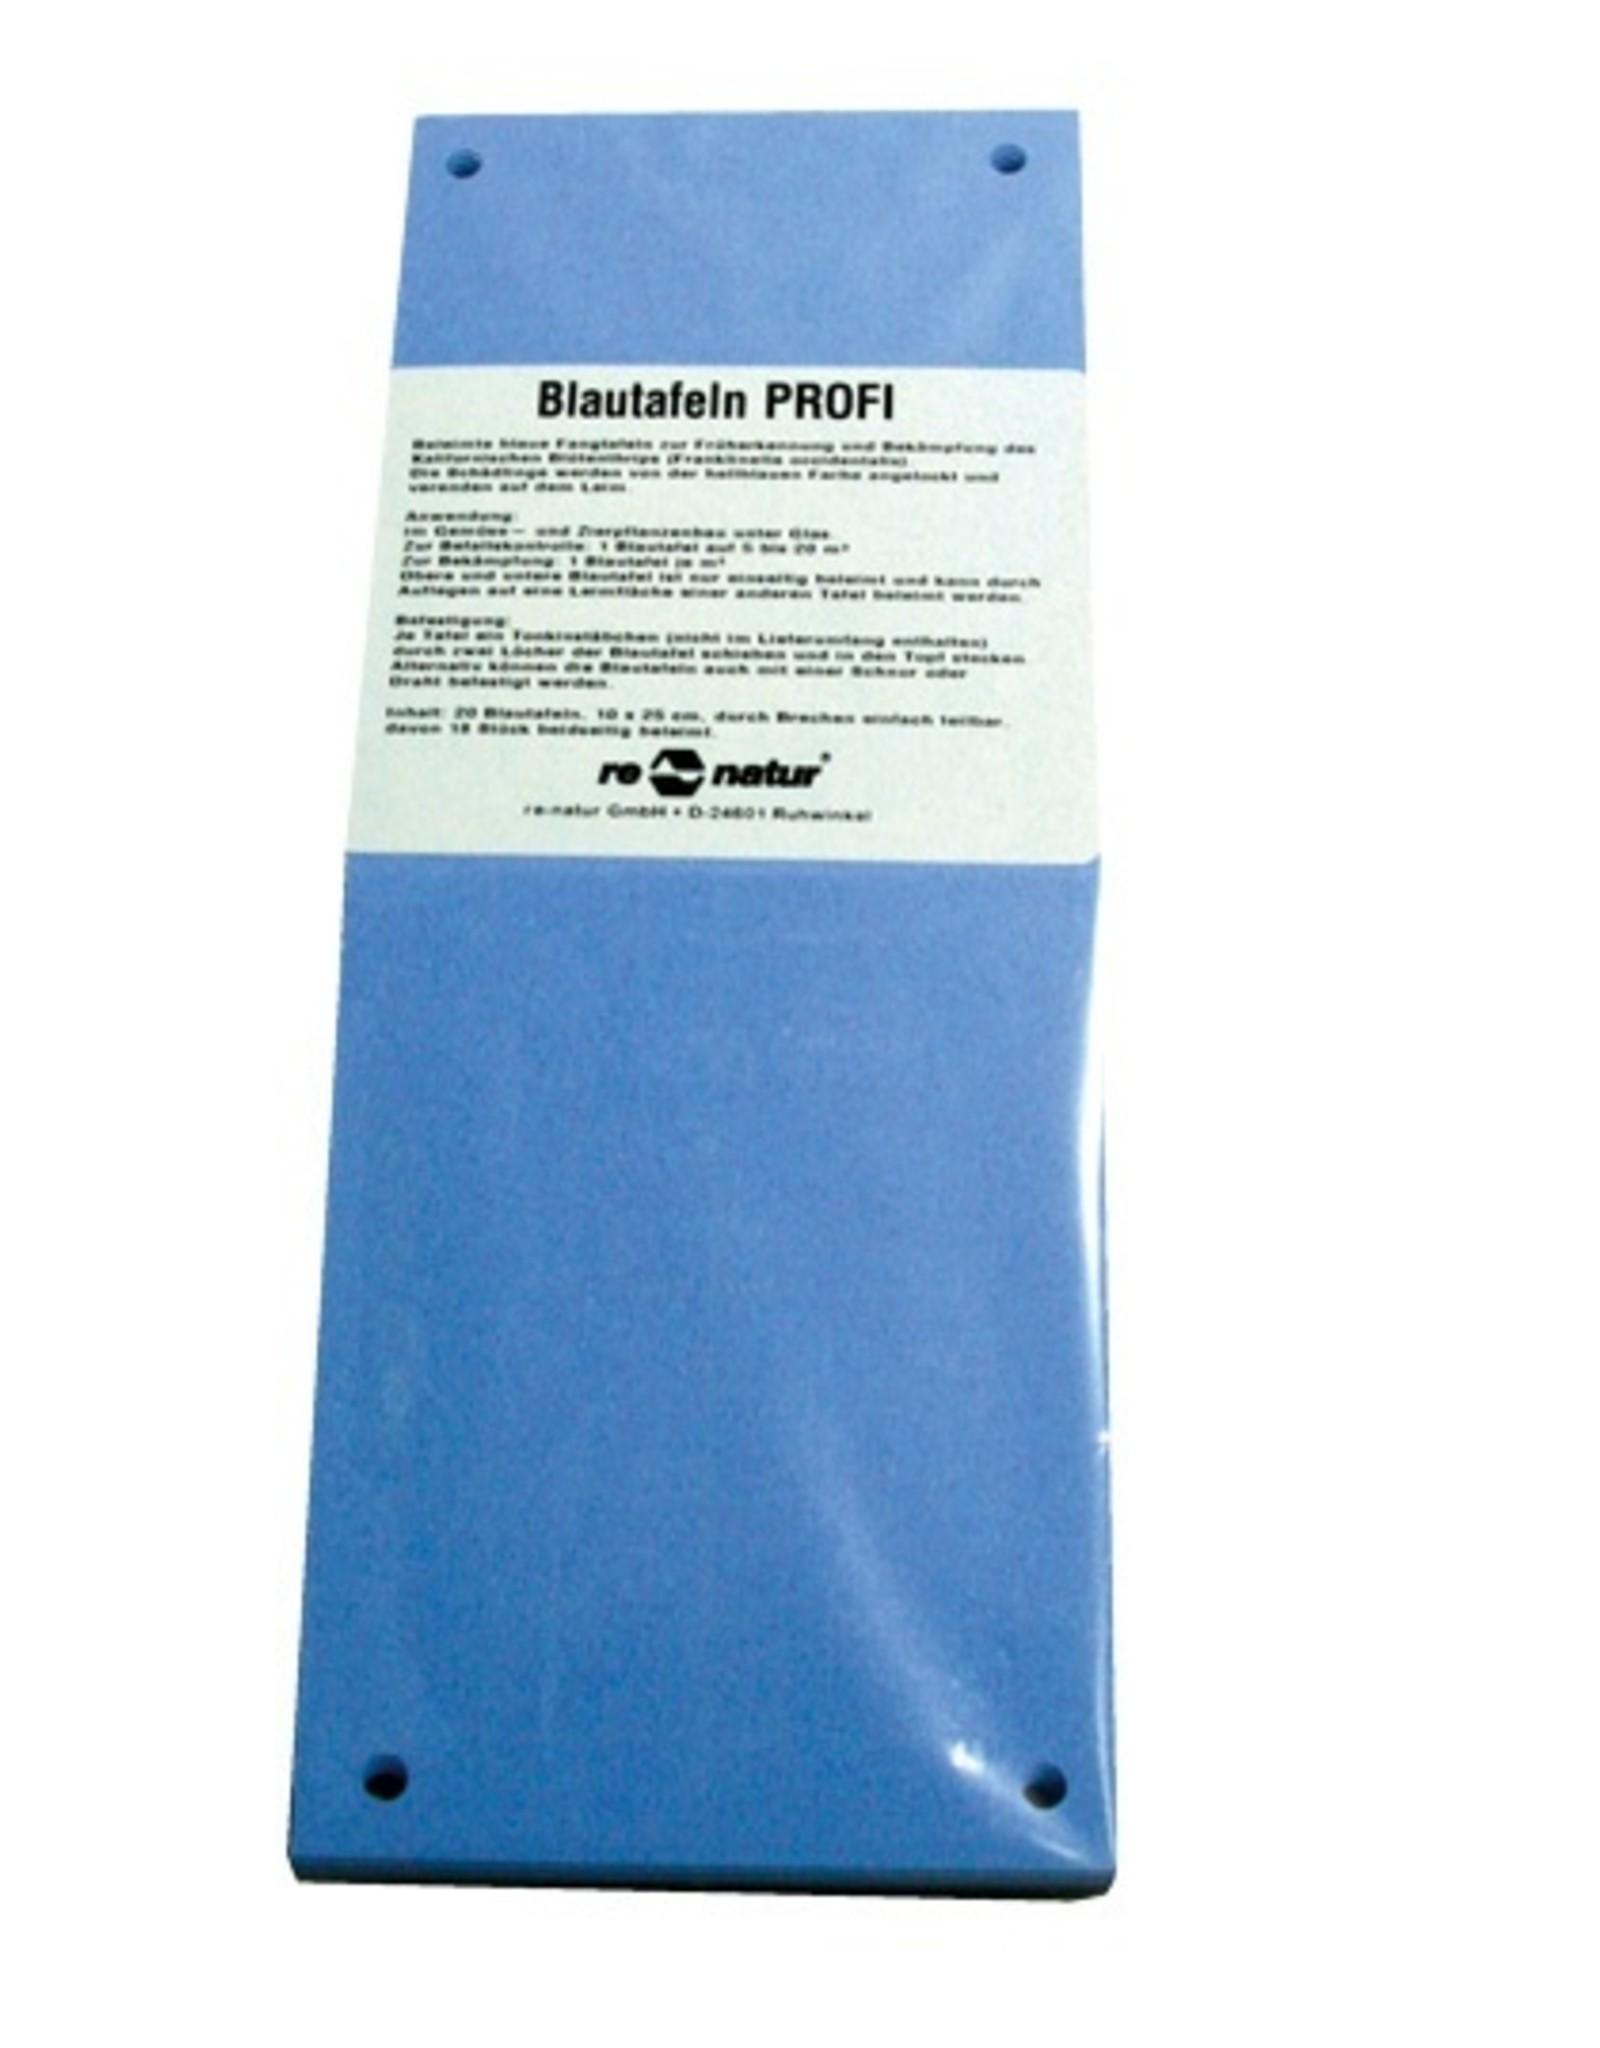 Blautafeln Profi 10x25cm 20 Stk.